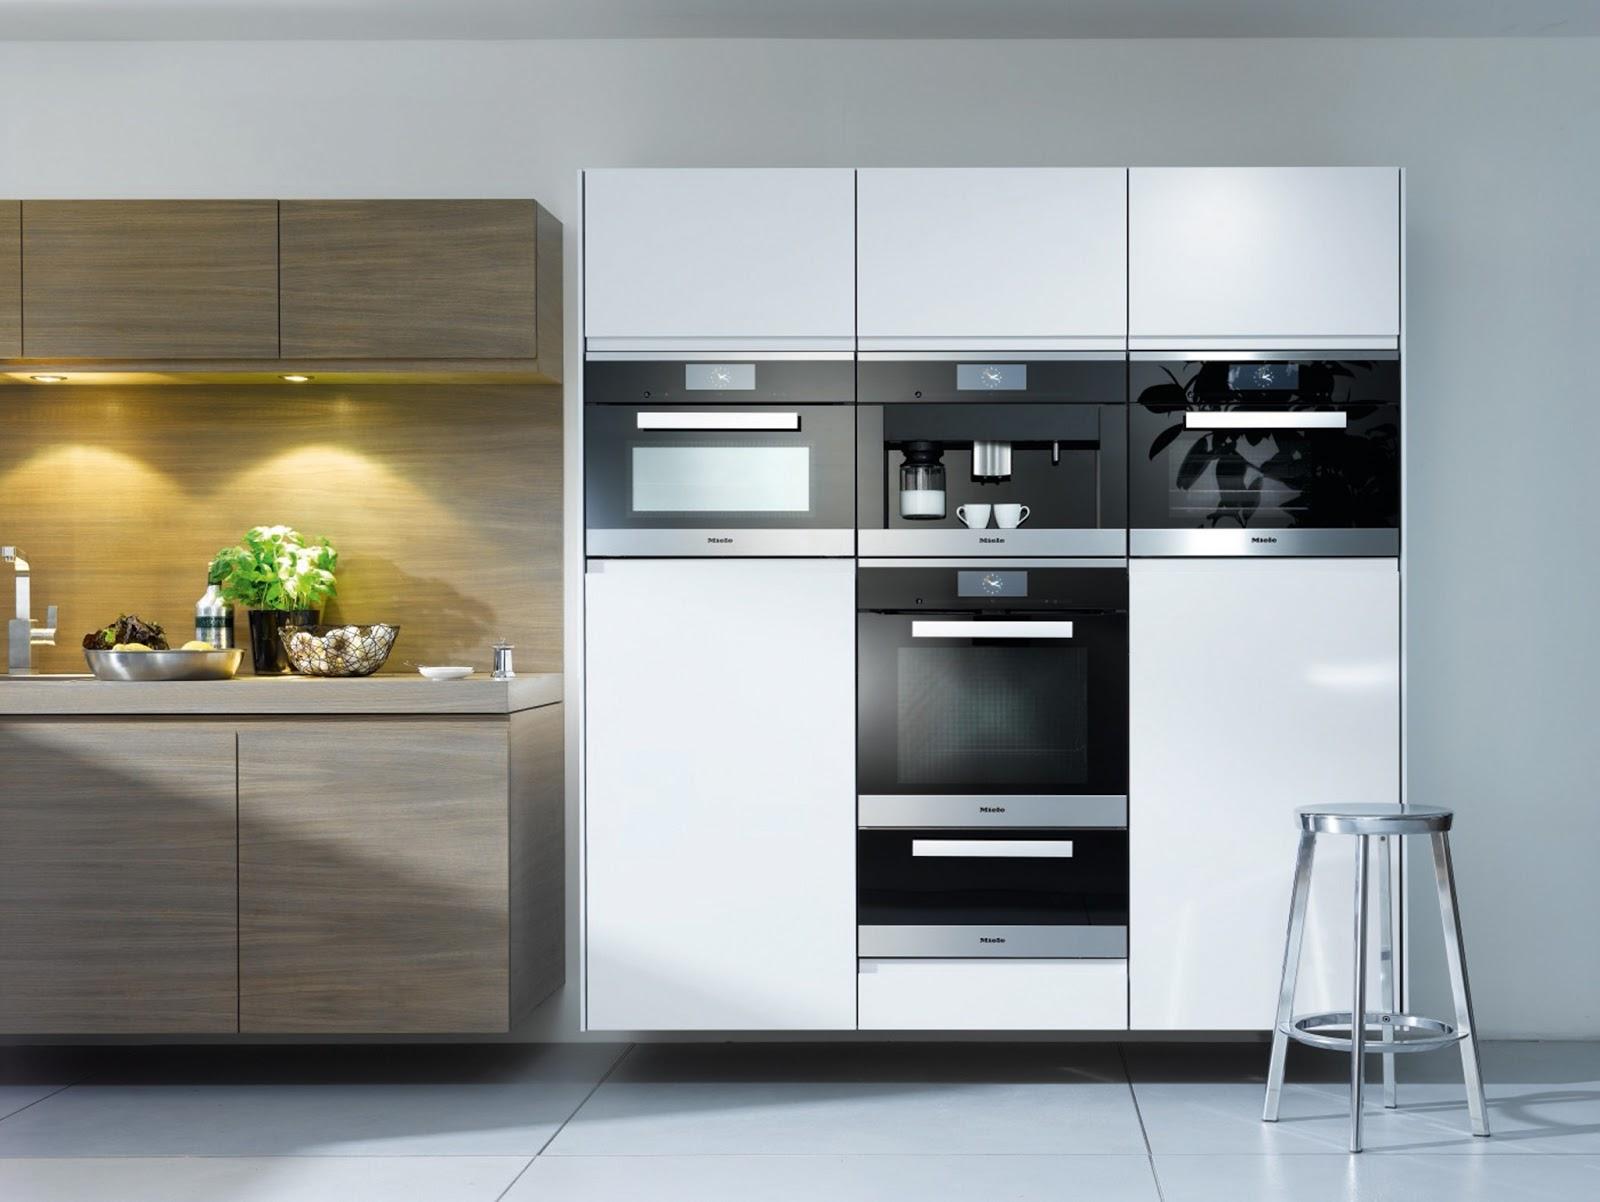 Cafran cocinas miele presenta sus nuevos aparatos - Cafran cocinas ...